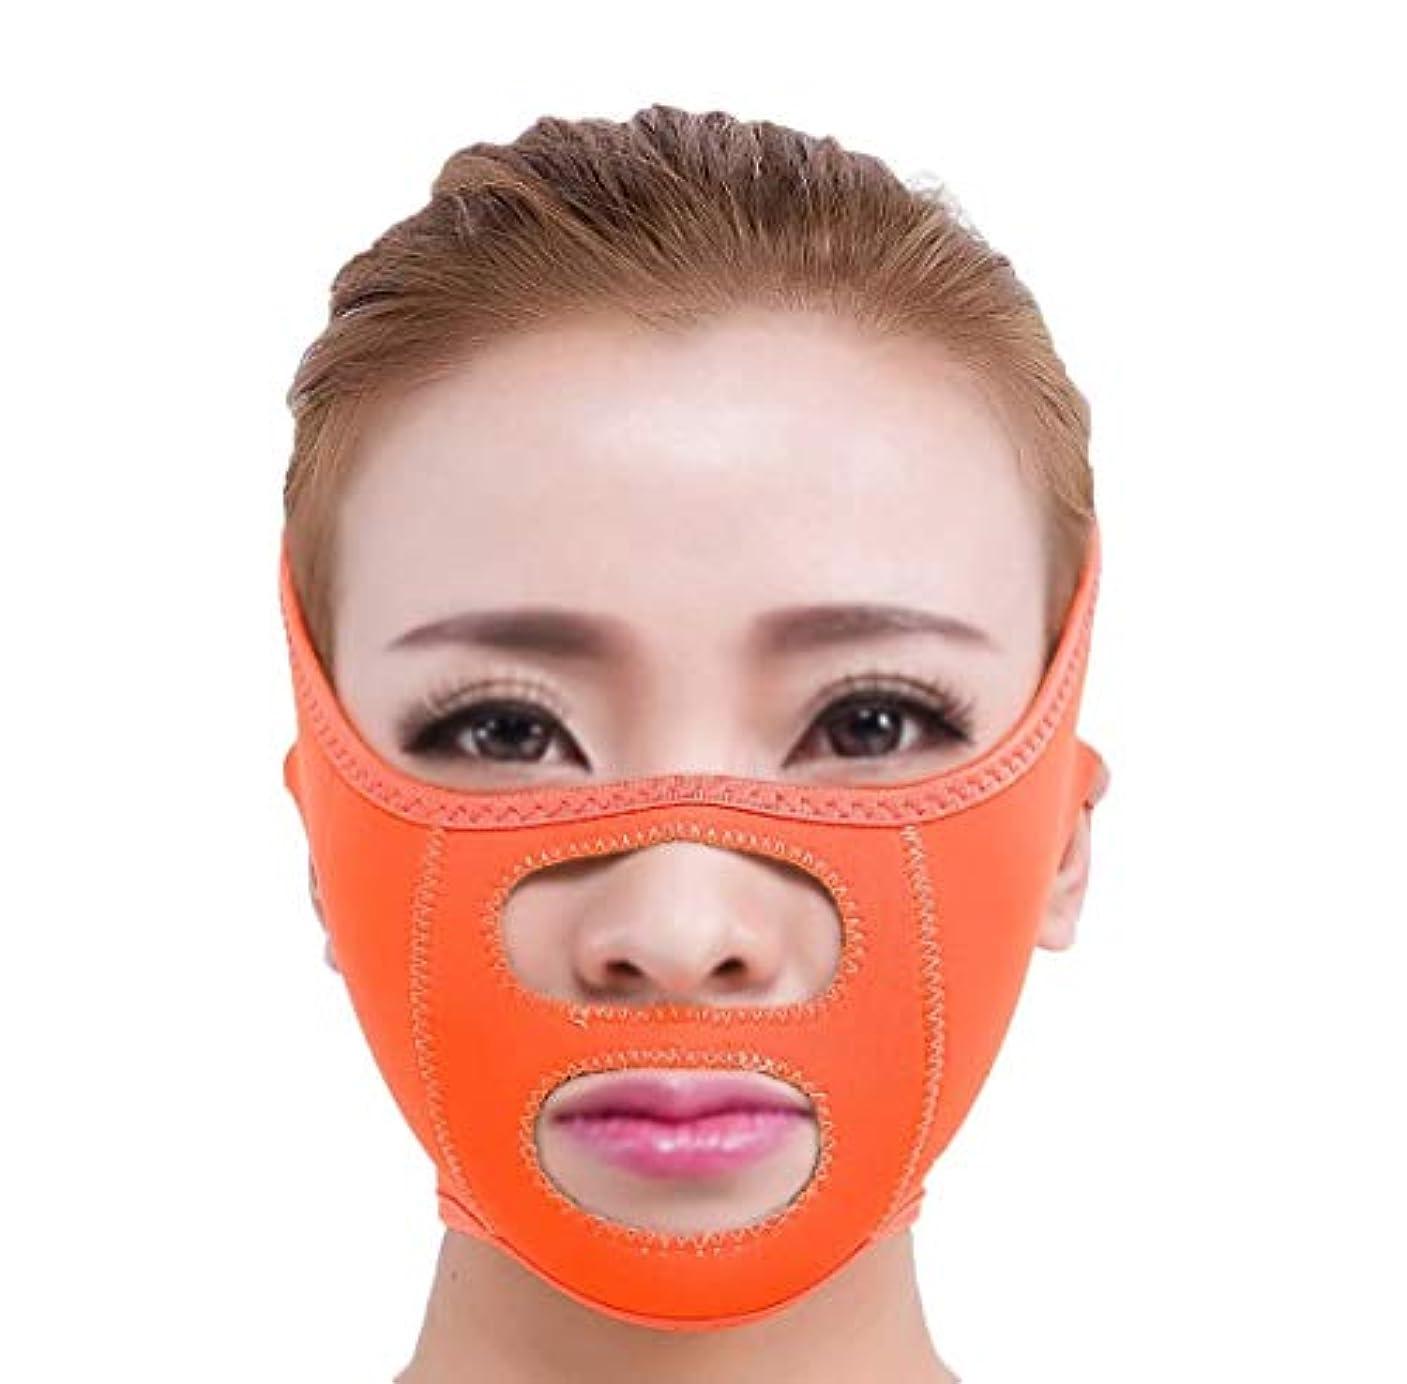 認証実装する火星HEMFV 顔の頬のV形状は、通気性の圧縮二重あごが包帯を減らしてスムーズな薄いマスクストラップフェイスラインをリフトアップ (Color : Orange)